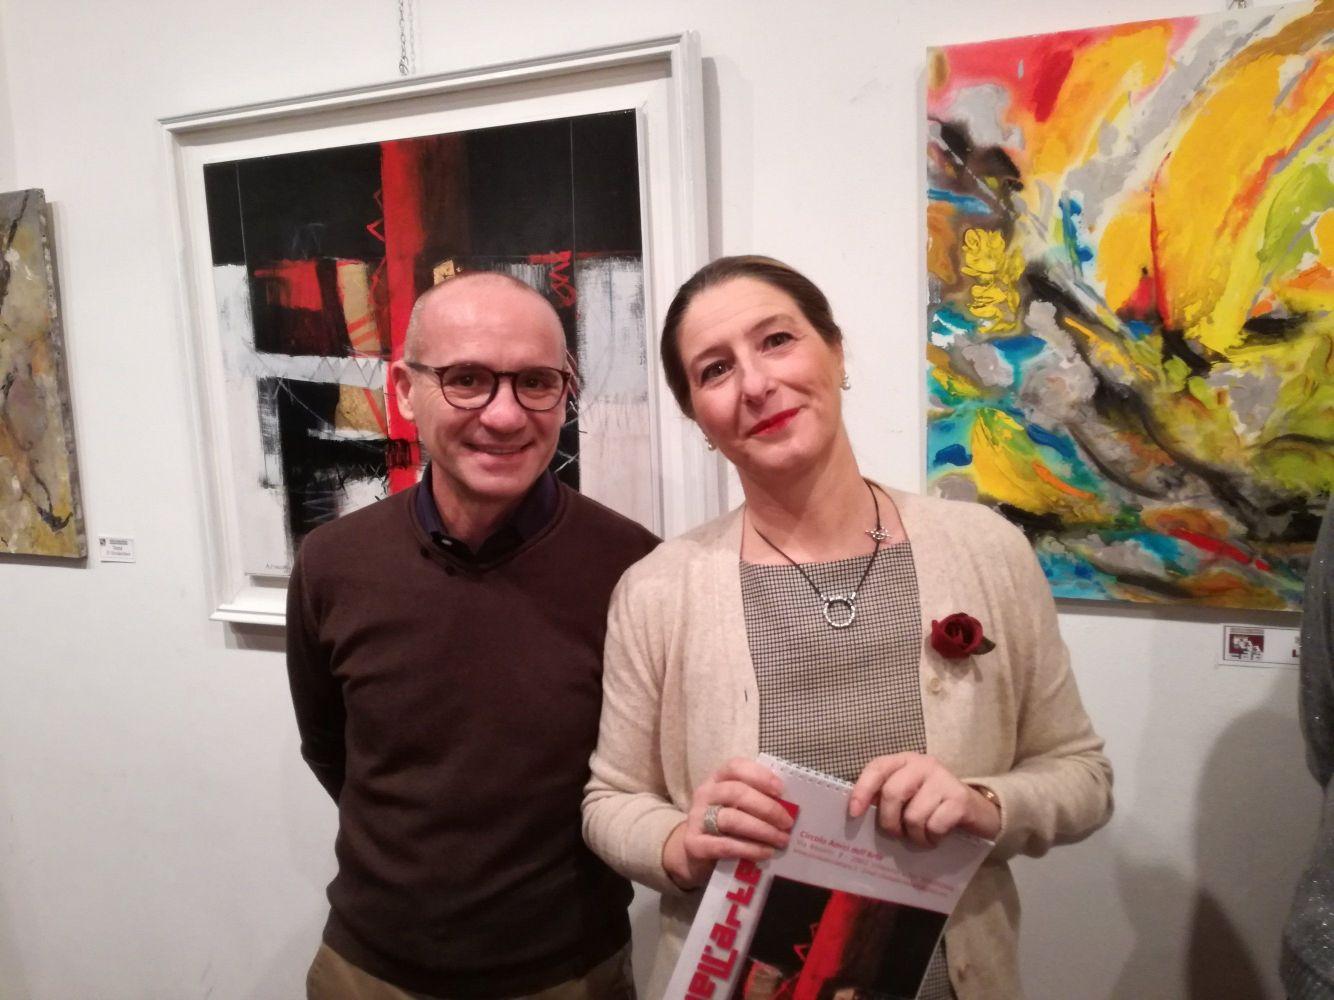 All'inaugurazione della mostra è intervenuto il Sindaco  Luca Ornago, qui insieme a Claudia Sala presidente del Circolo Amici dell'Arte.